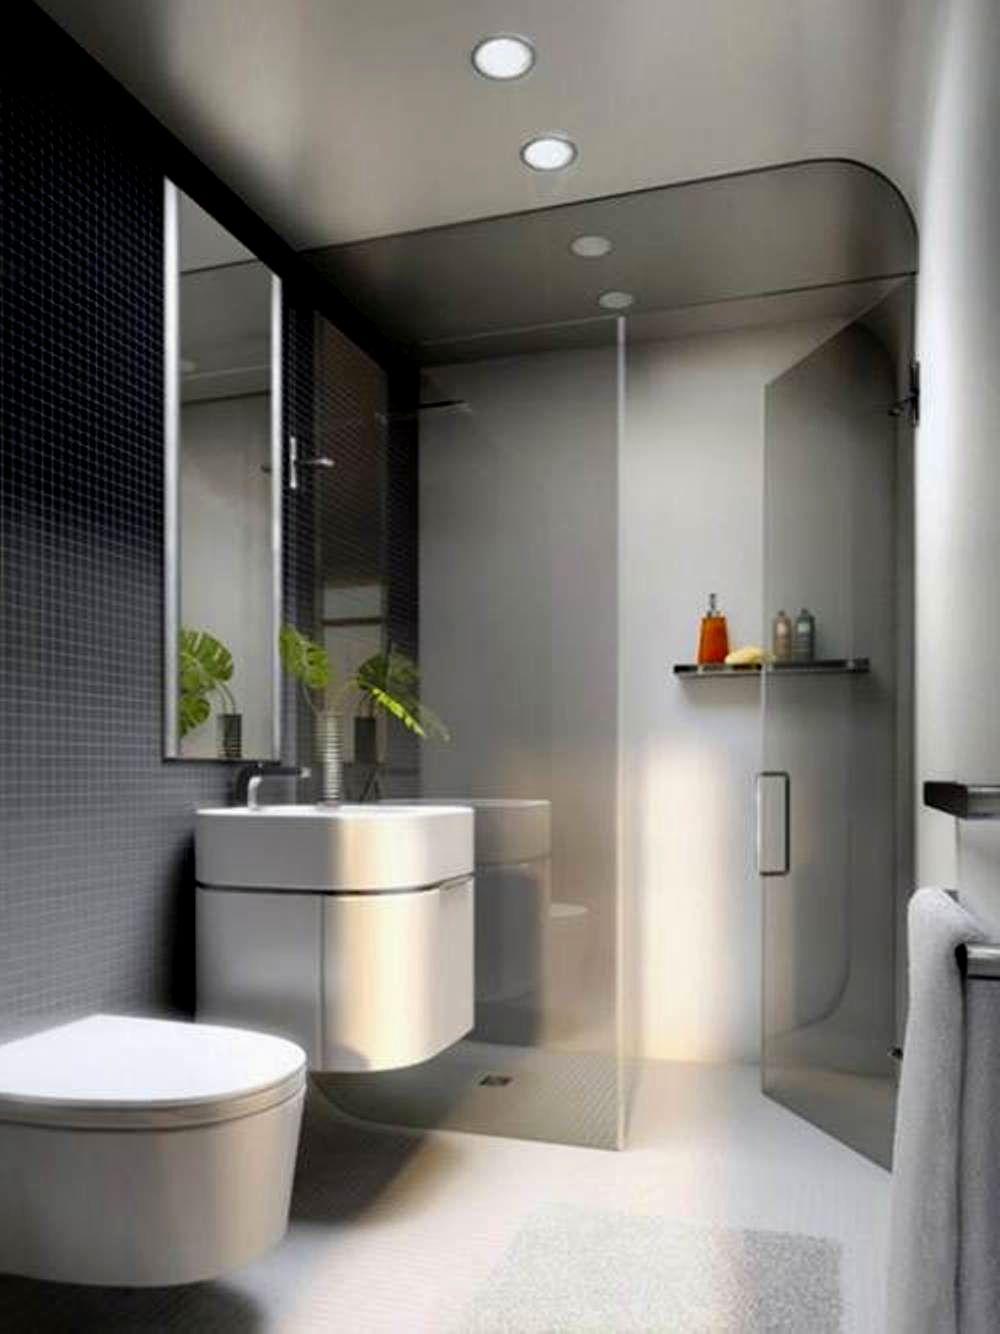 contemporary 20 bathroom vanity concept-Sensational 20 Bathroom Vanity Model